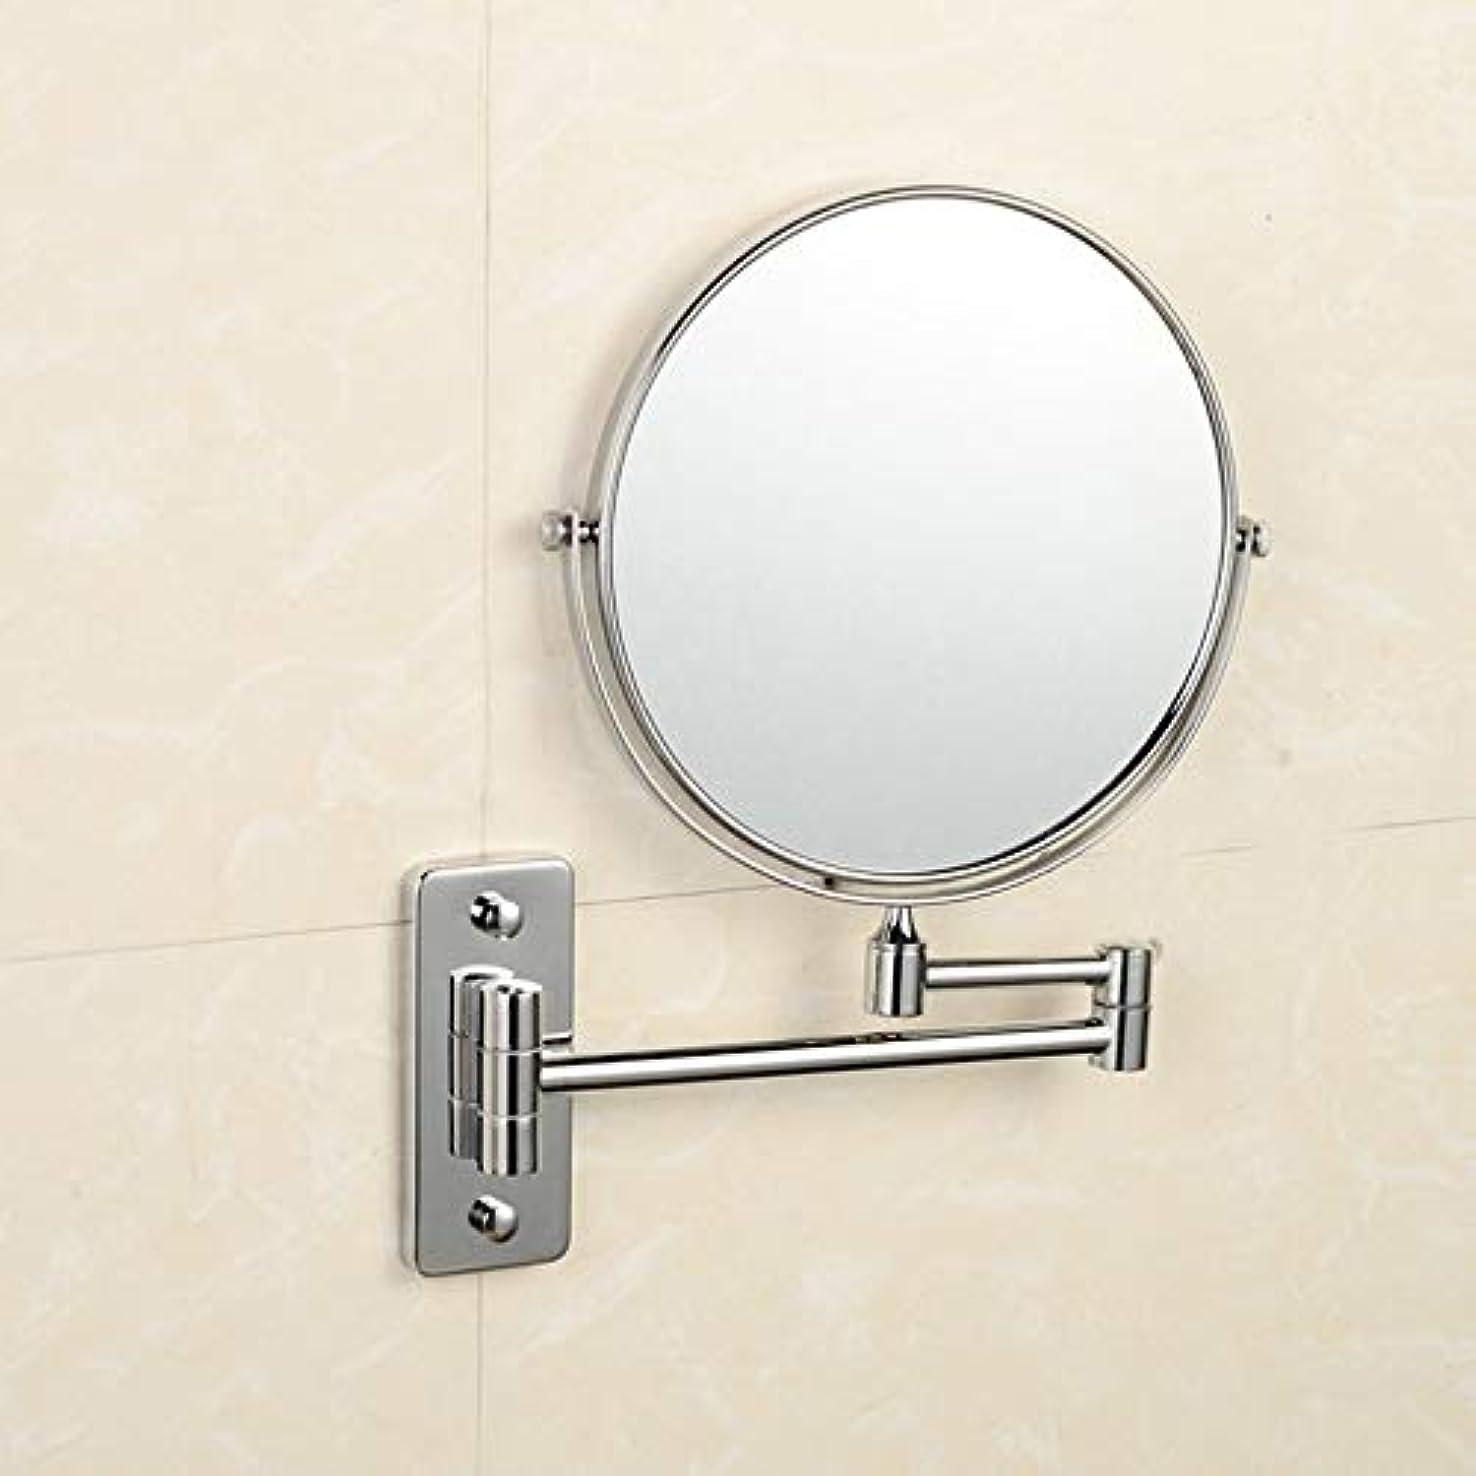 接続詞スリッパ接続詞流行の 銅浴室鏡折りたたみ伸縮性格人格美人表裏面360度回転壁掛け虫眼鏡ミラーシルバーホームビューティーミラー浴室